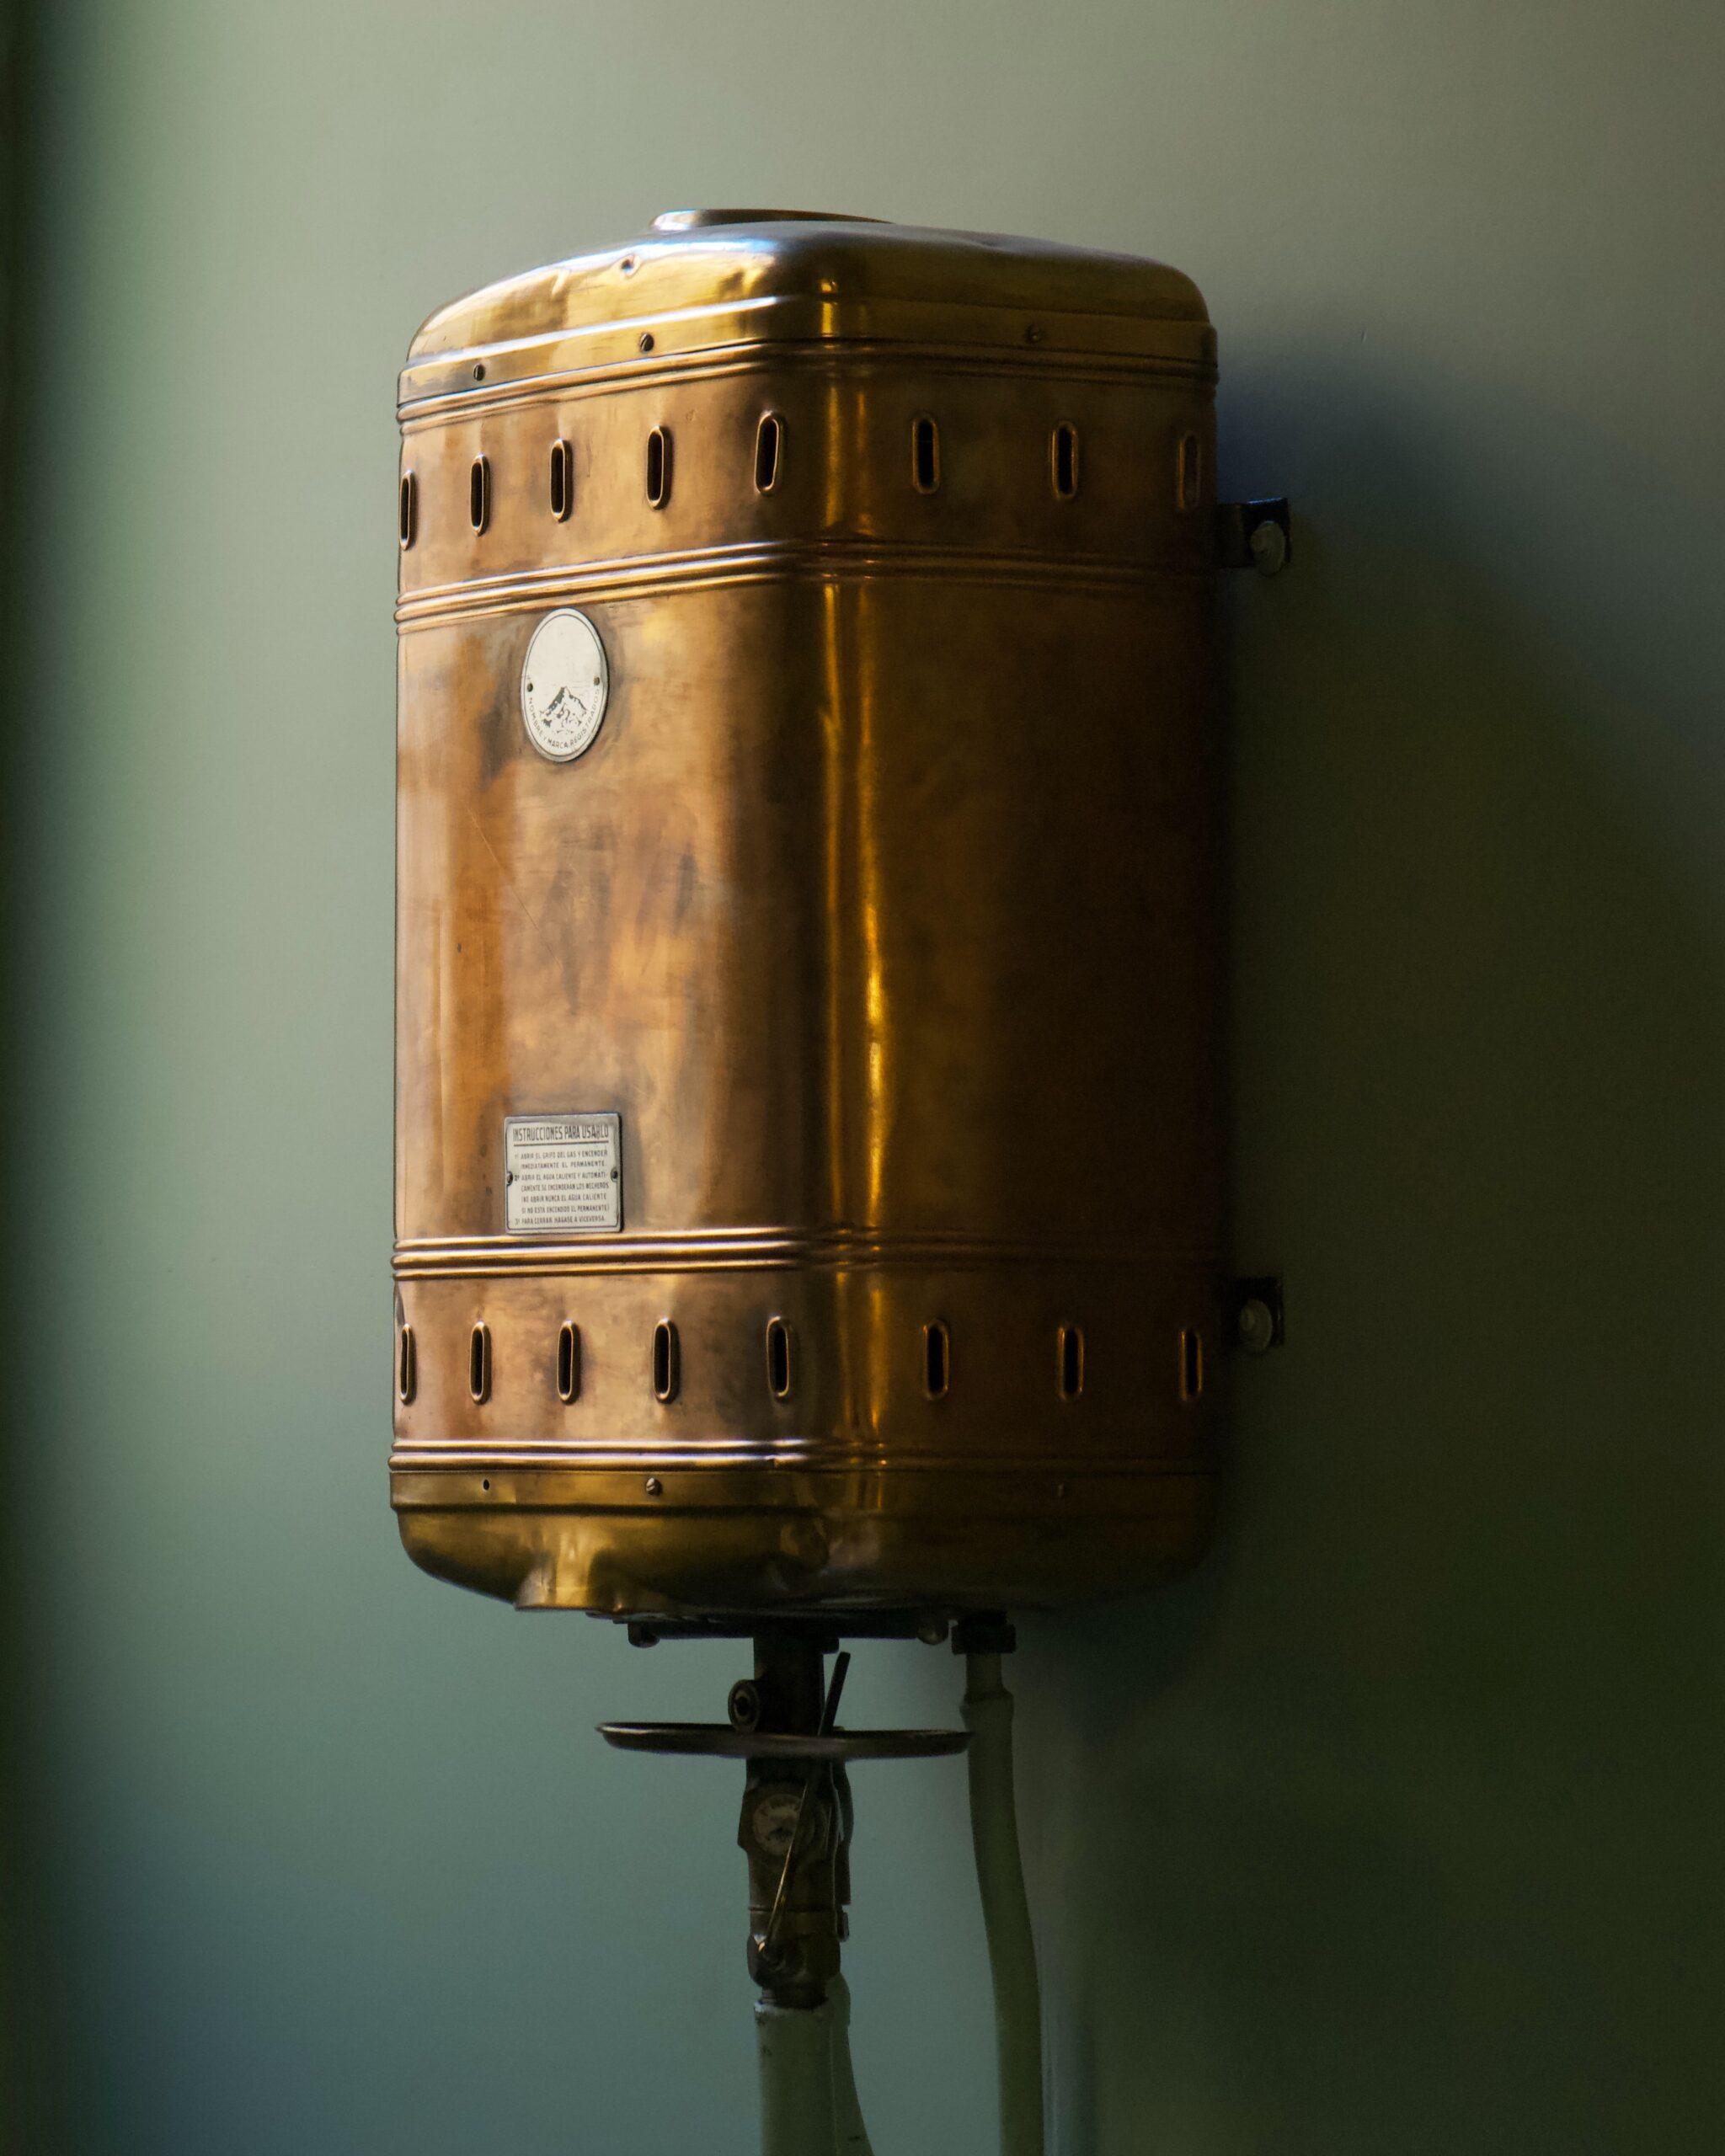 給湯器が故障した時はどうしたらいい?原因から対処方法まで詳しく解説!